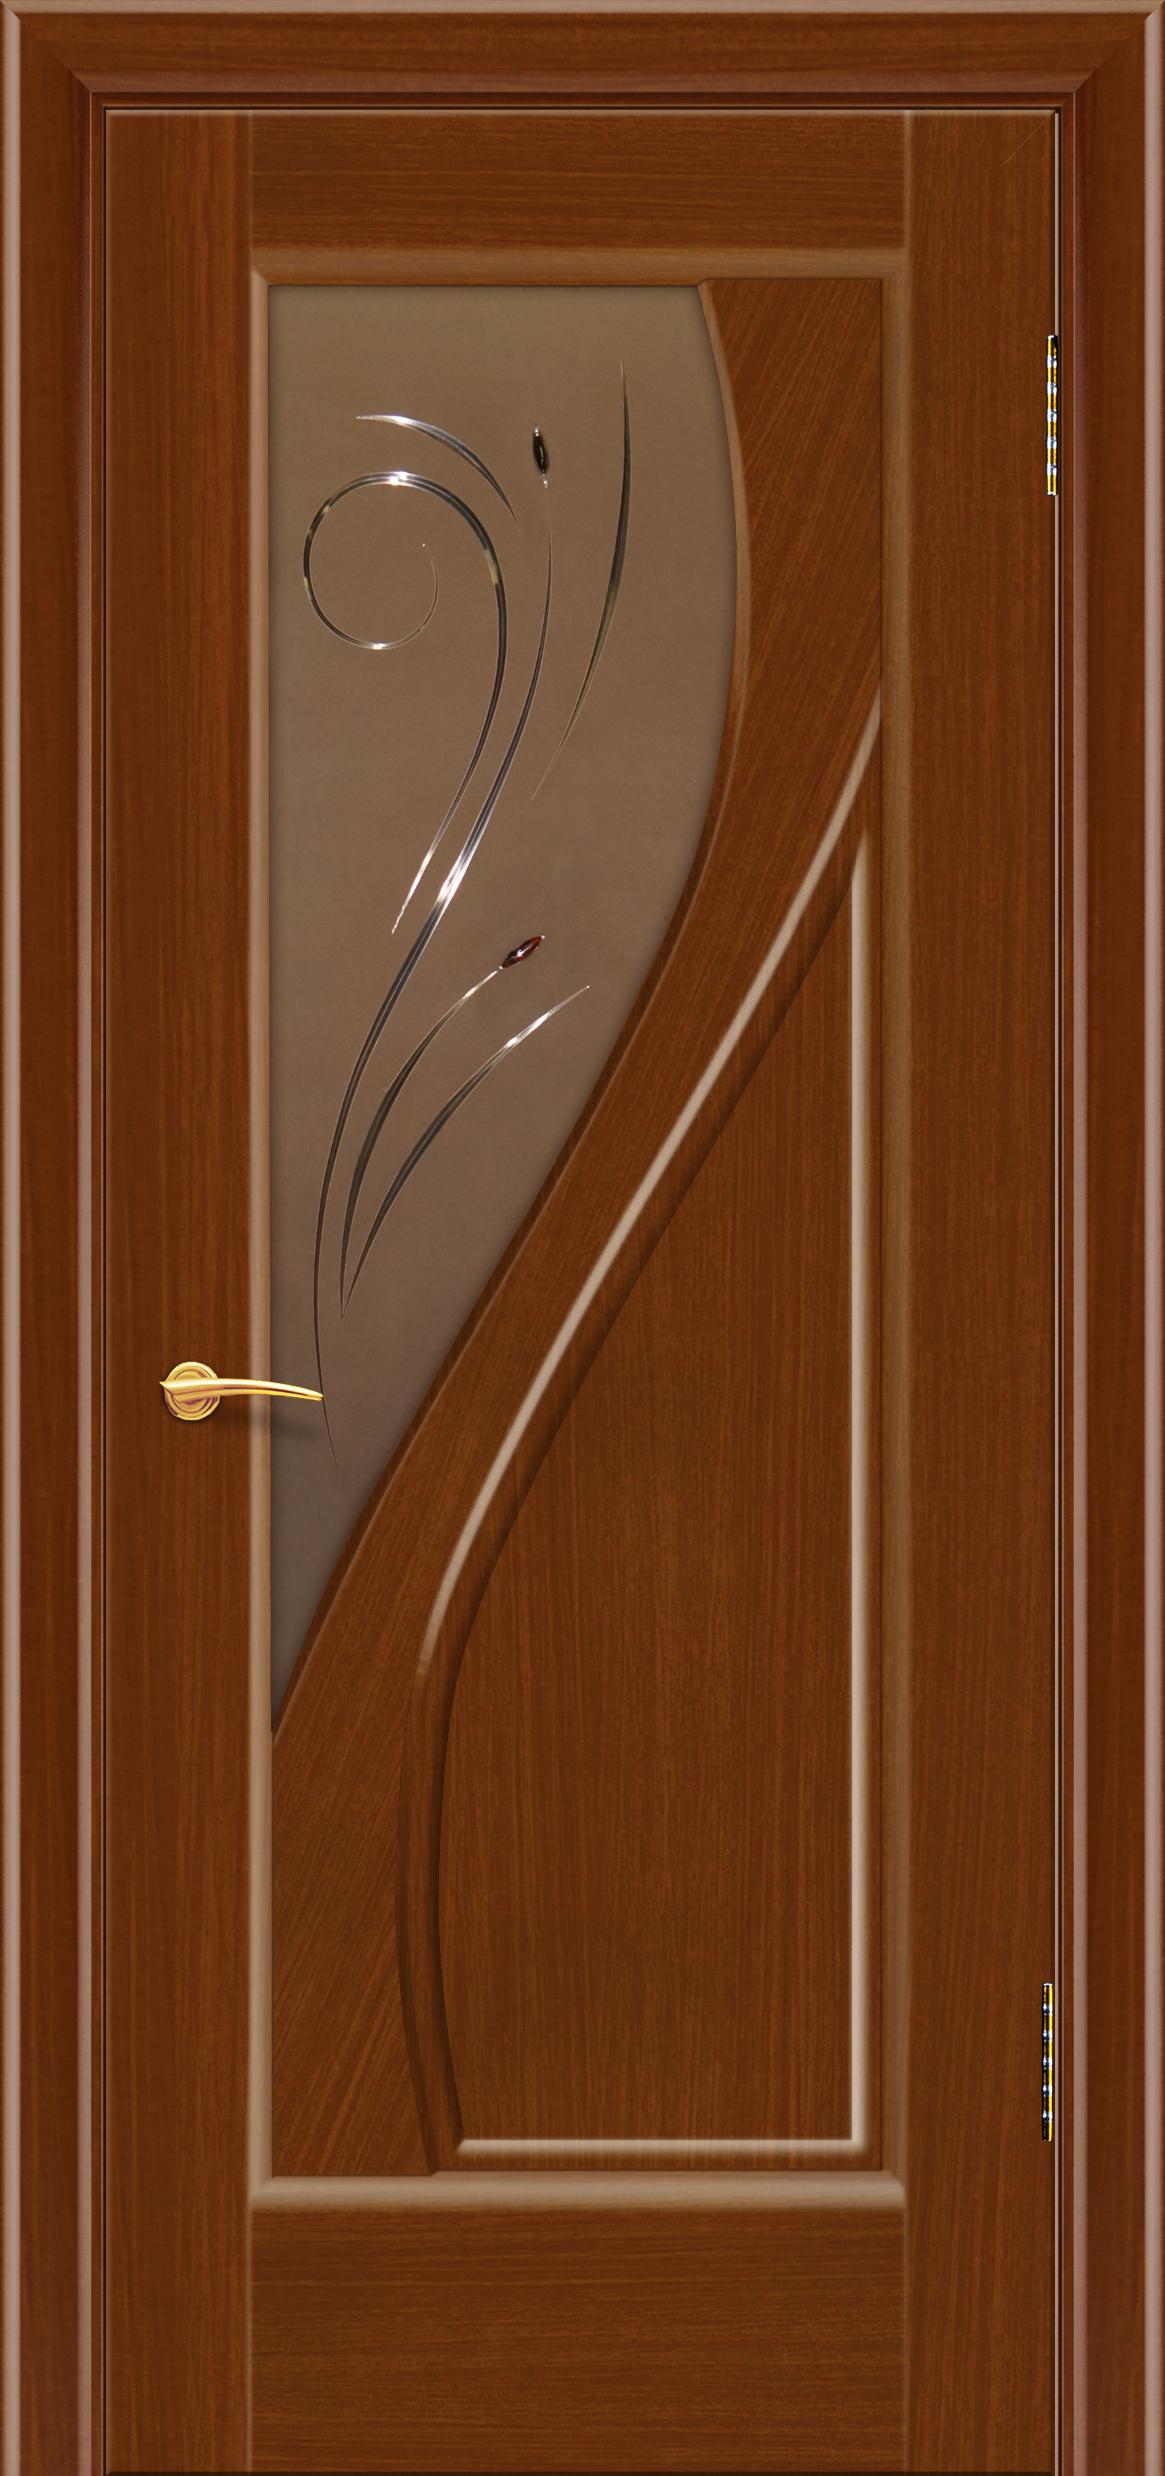 Ульяновские двери из шпона анегри